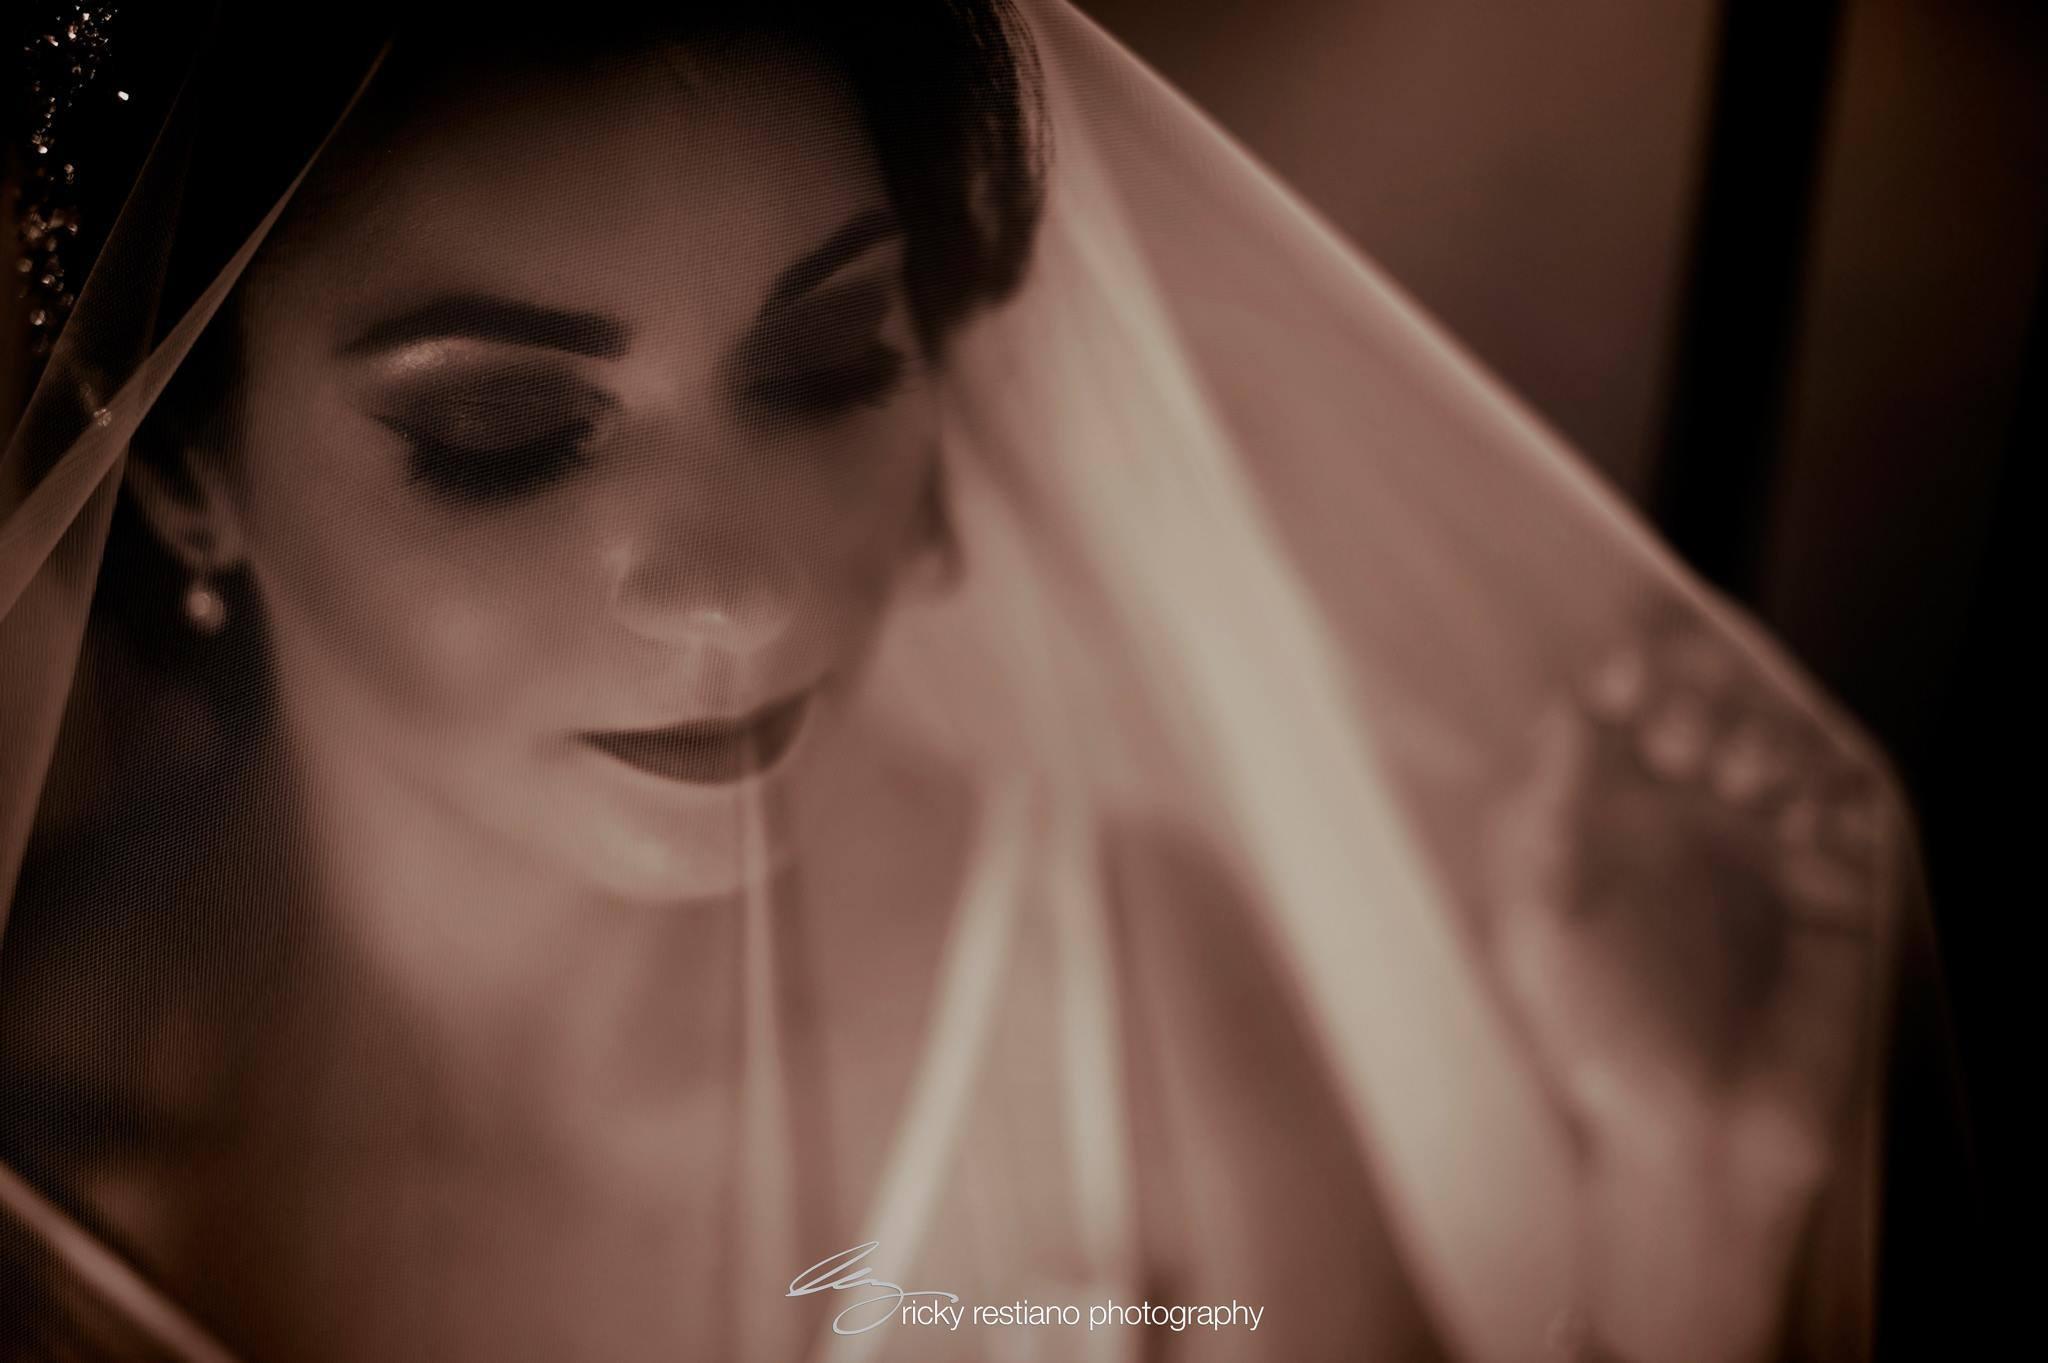 Ricky Restiano Photography